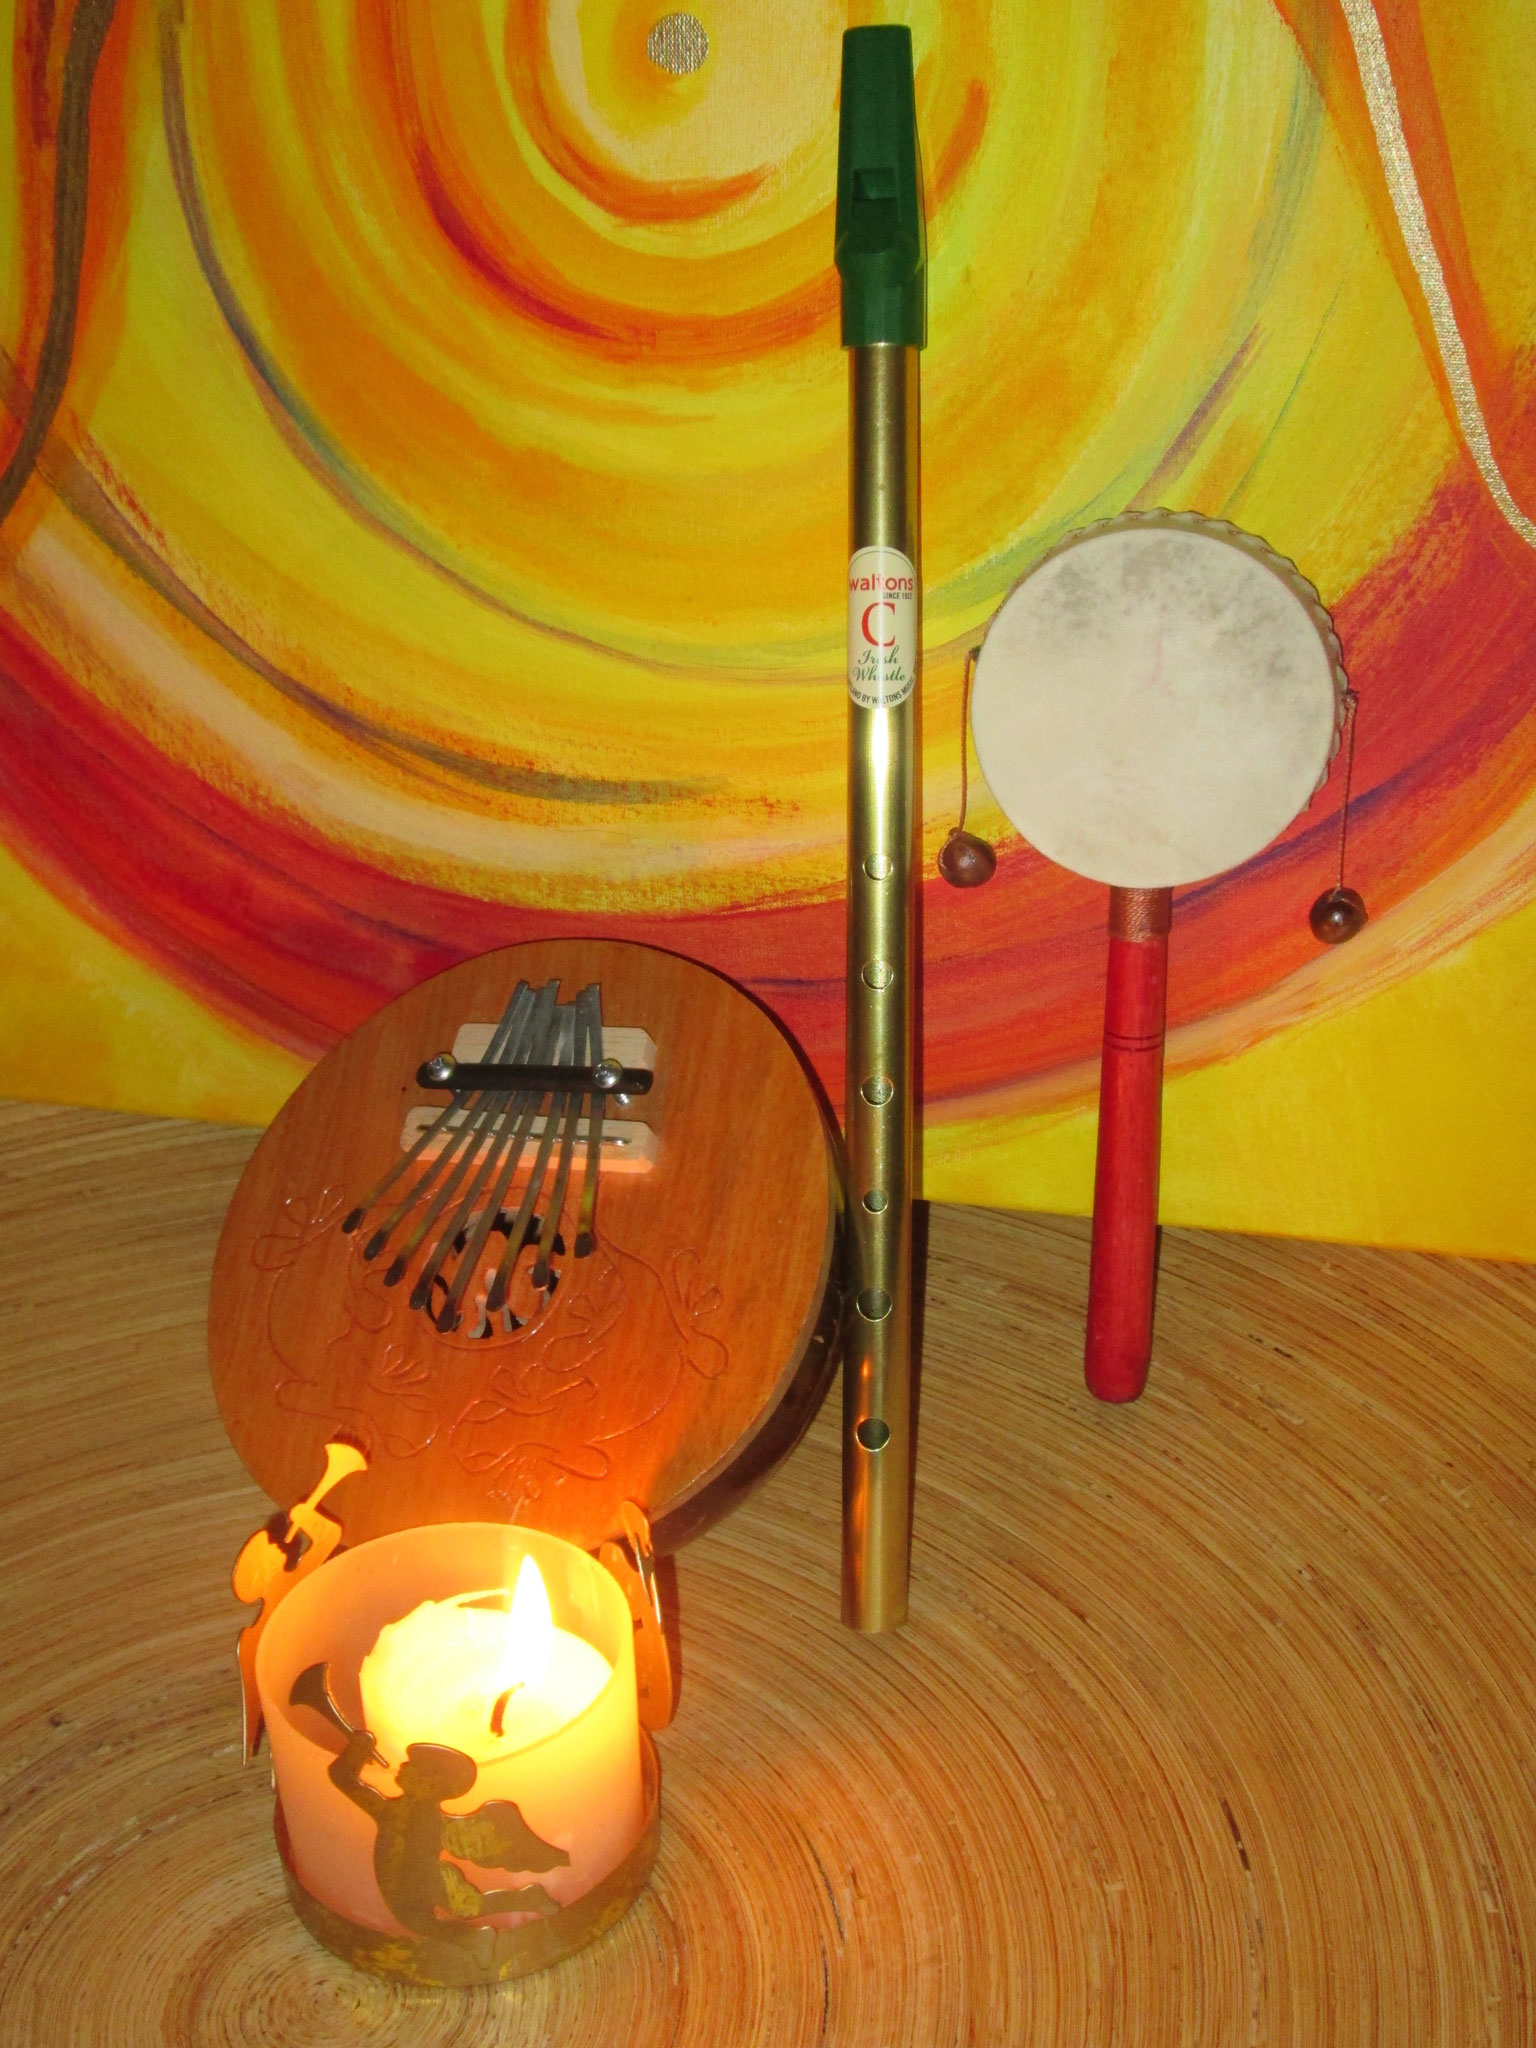 Kalimba, irische Flöte